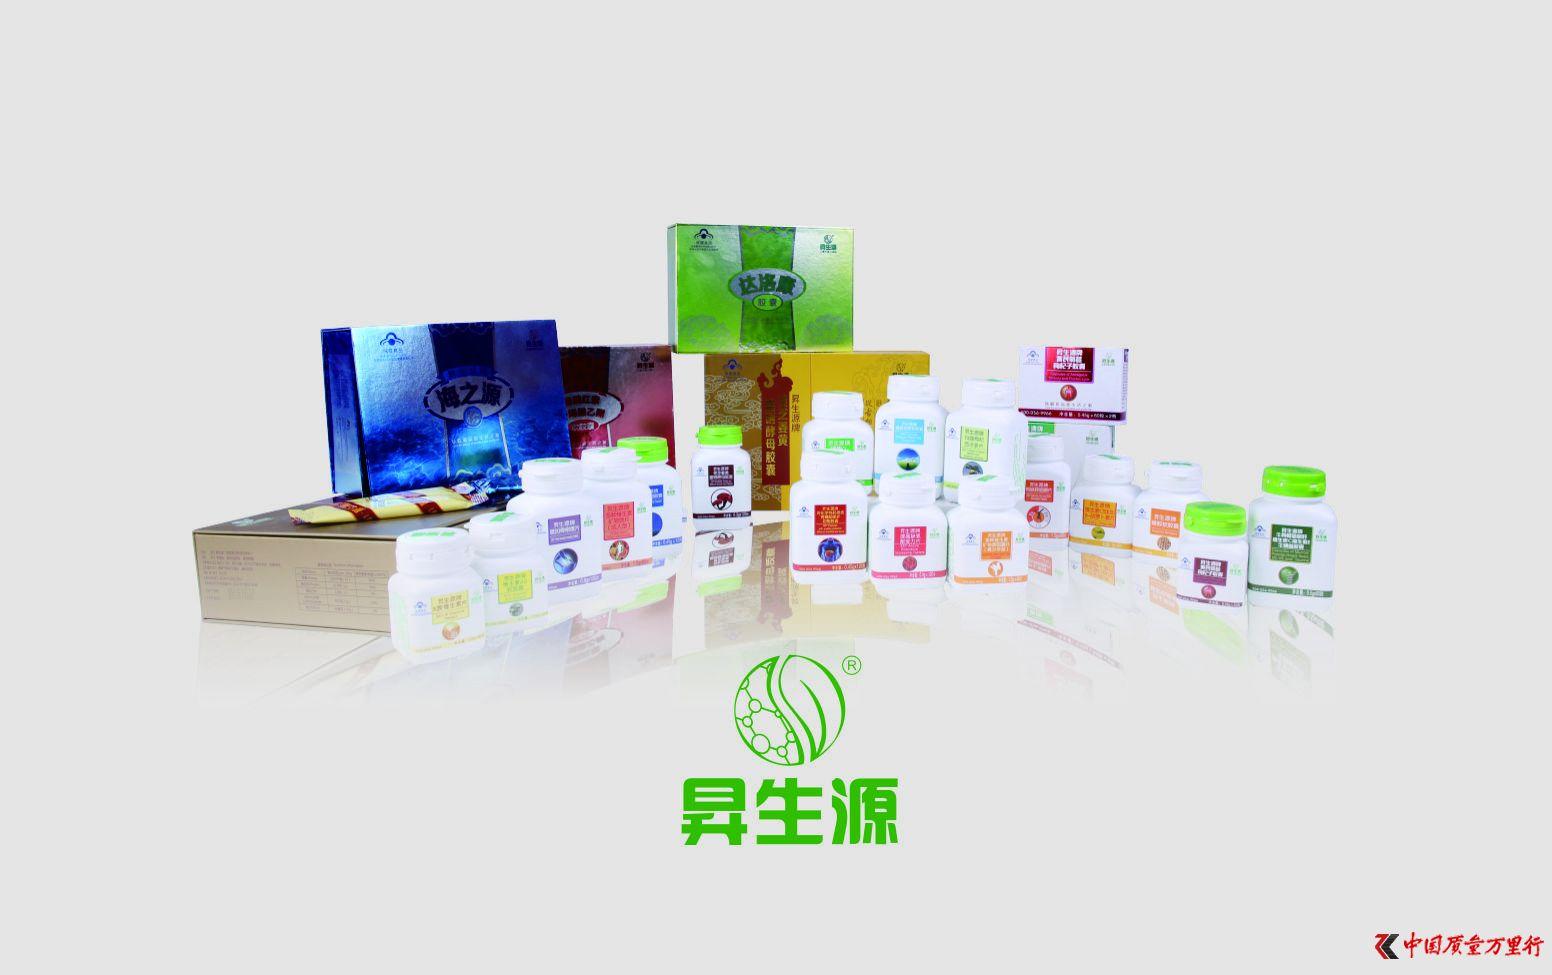 铸源集团:产品为本 品质为源